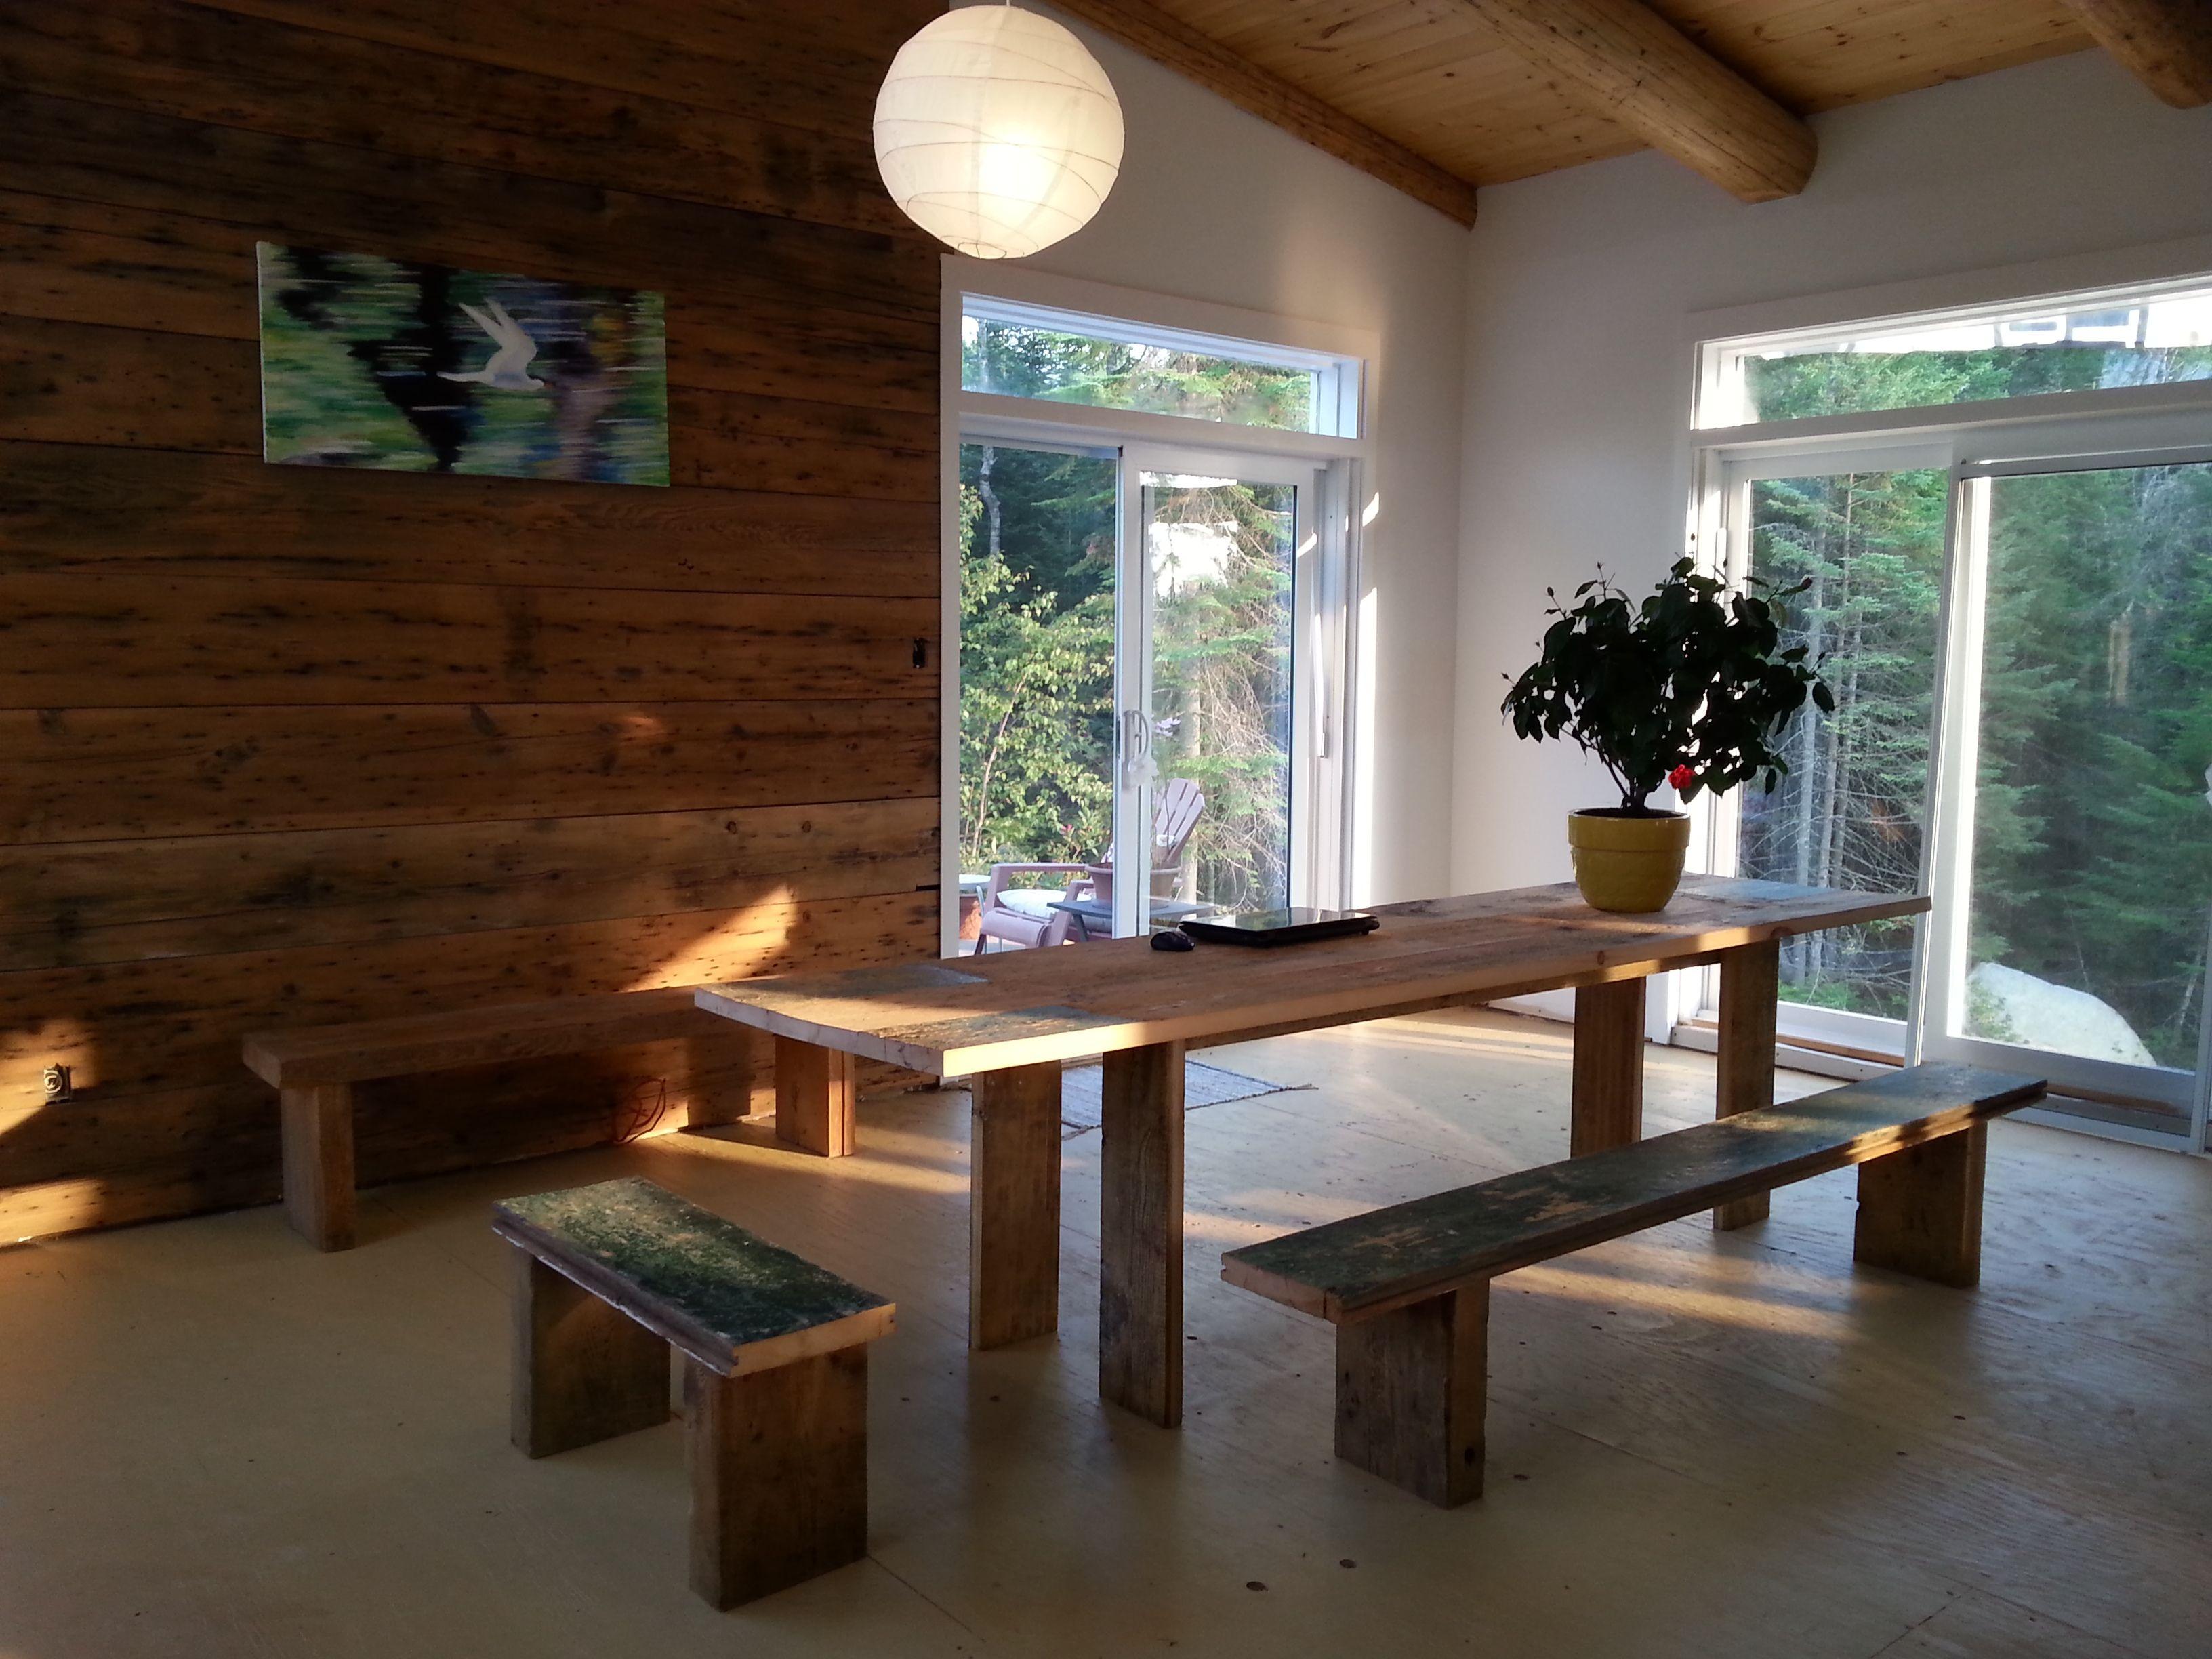 Long kitchen tables  Oumf design u long kitchen table and benches  Belles idées déco